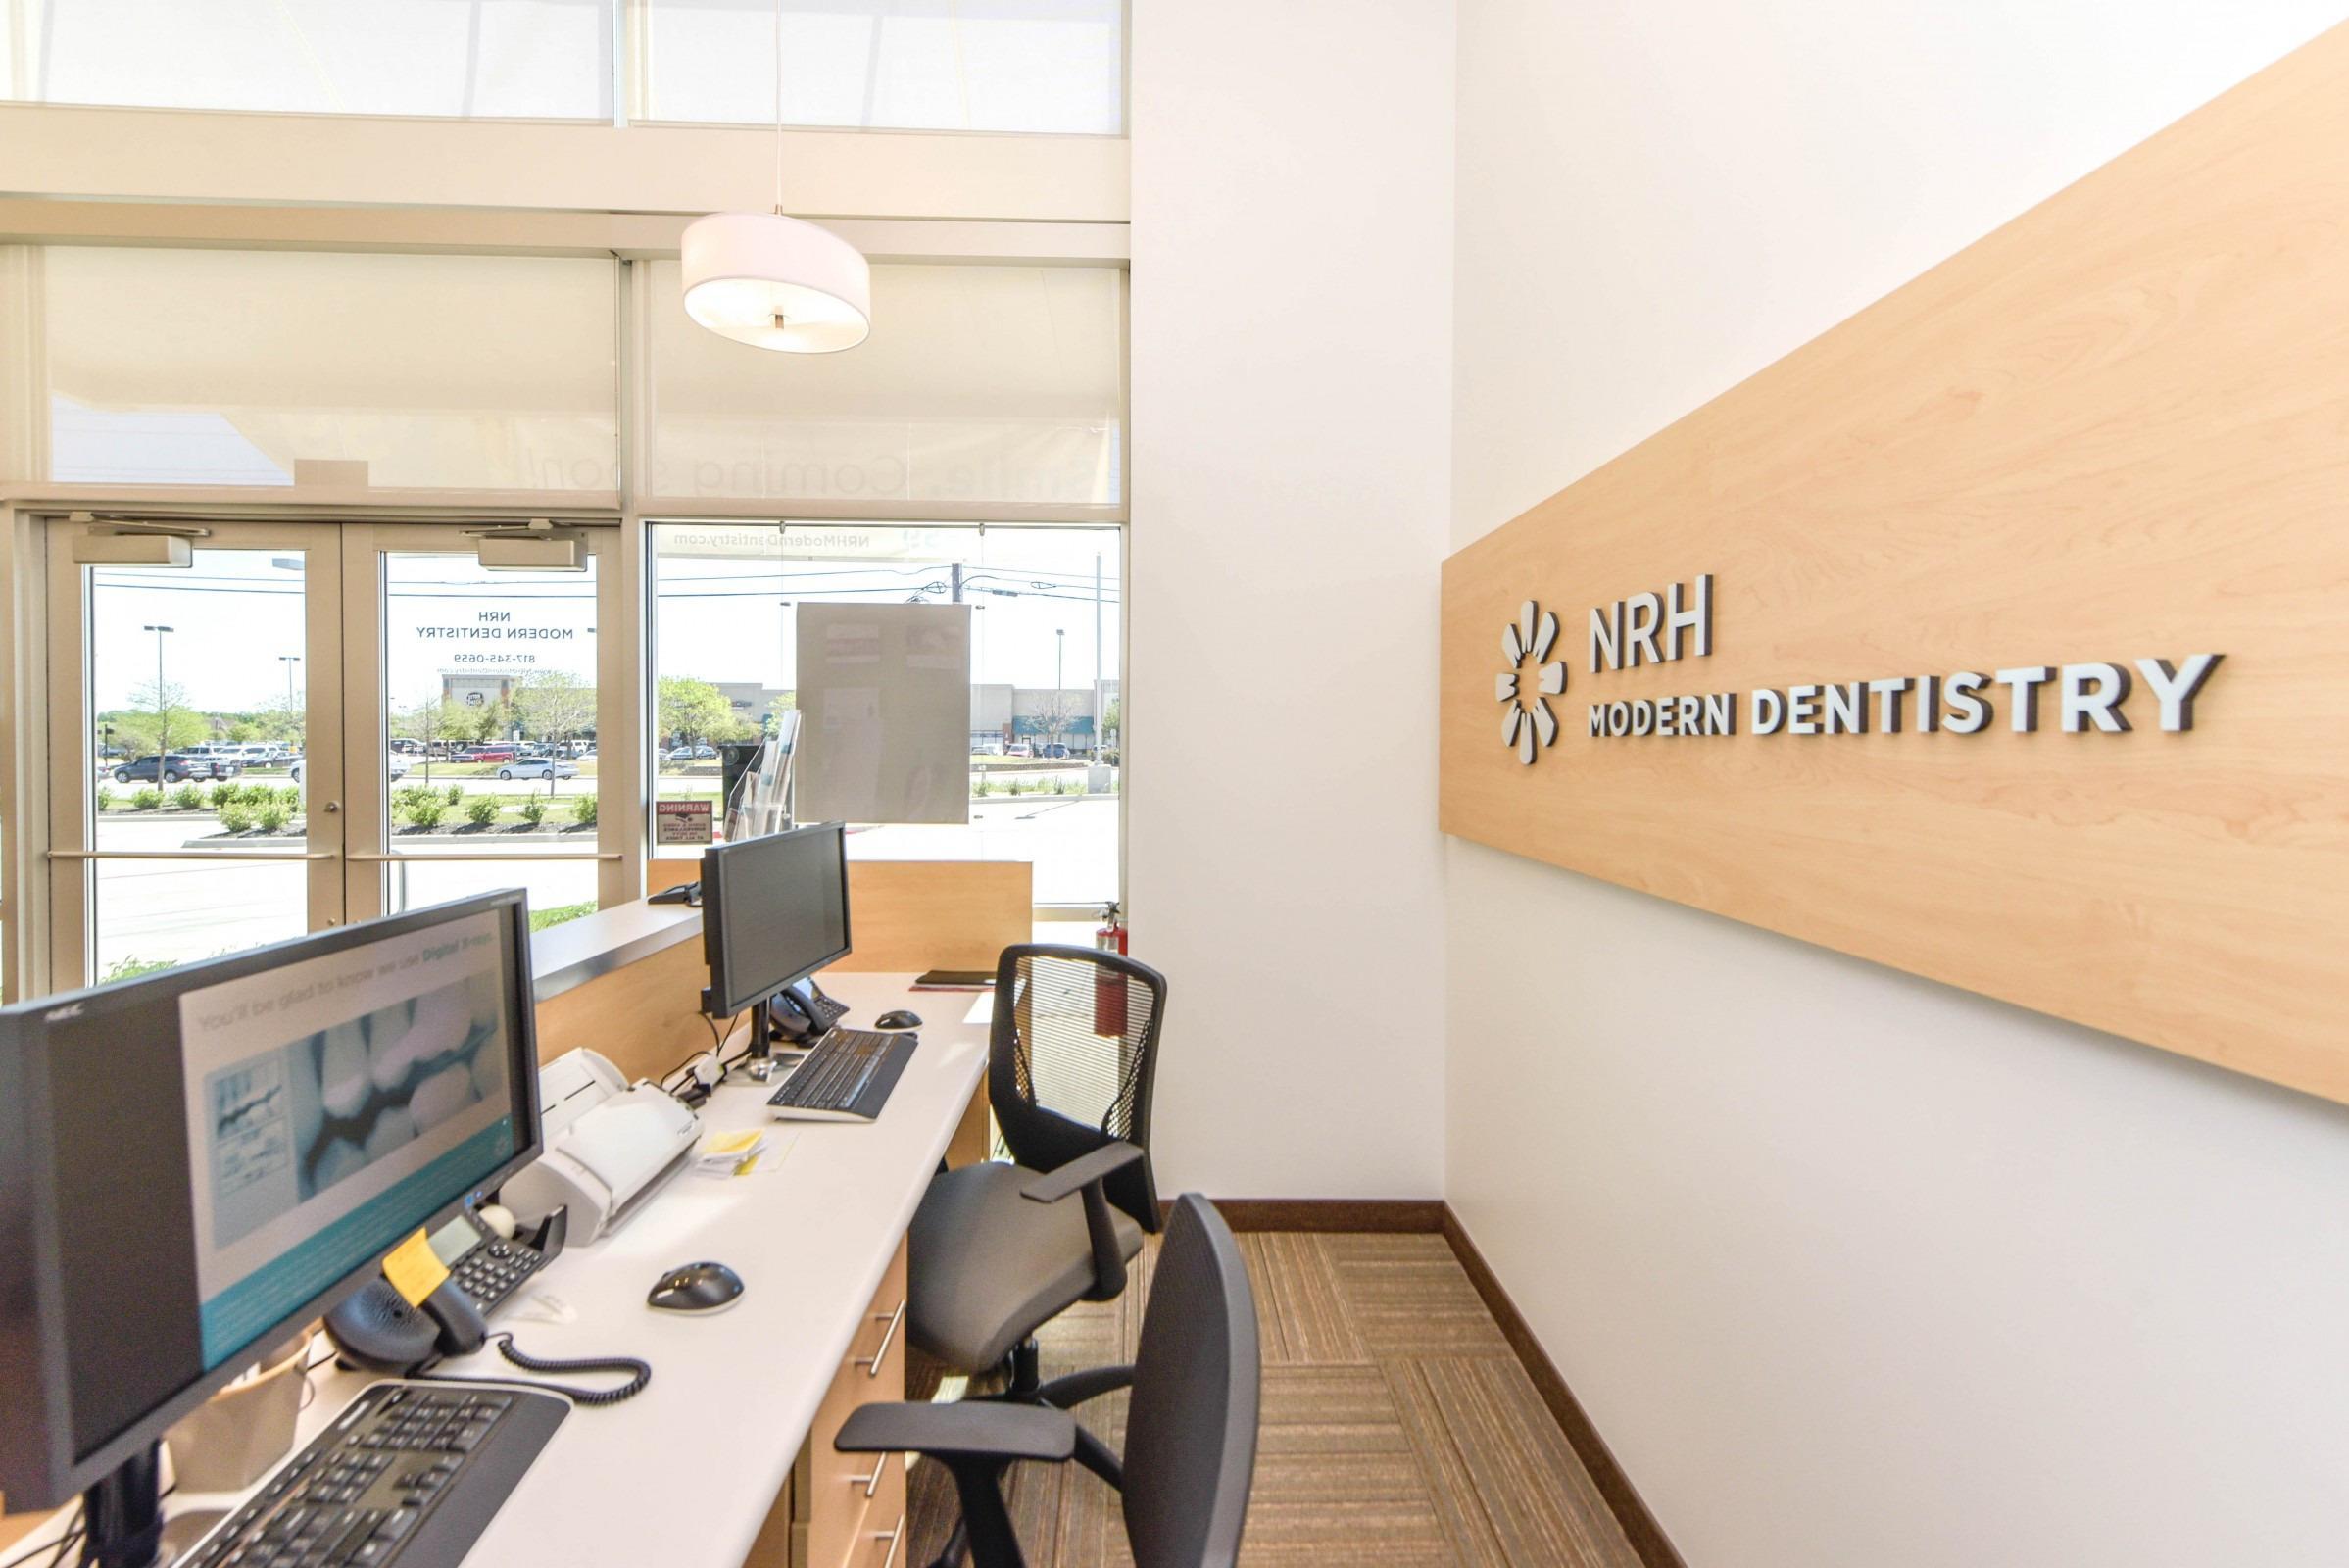 NRH Modern Dentistry